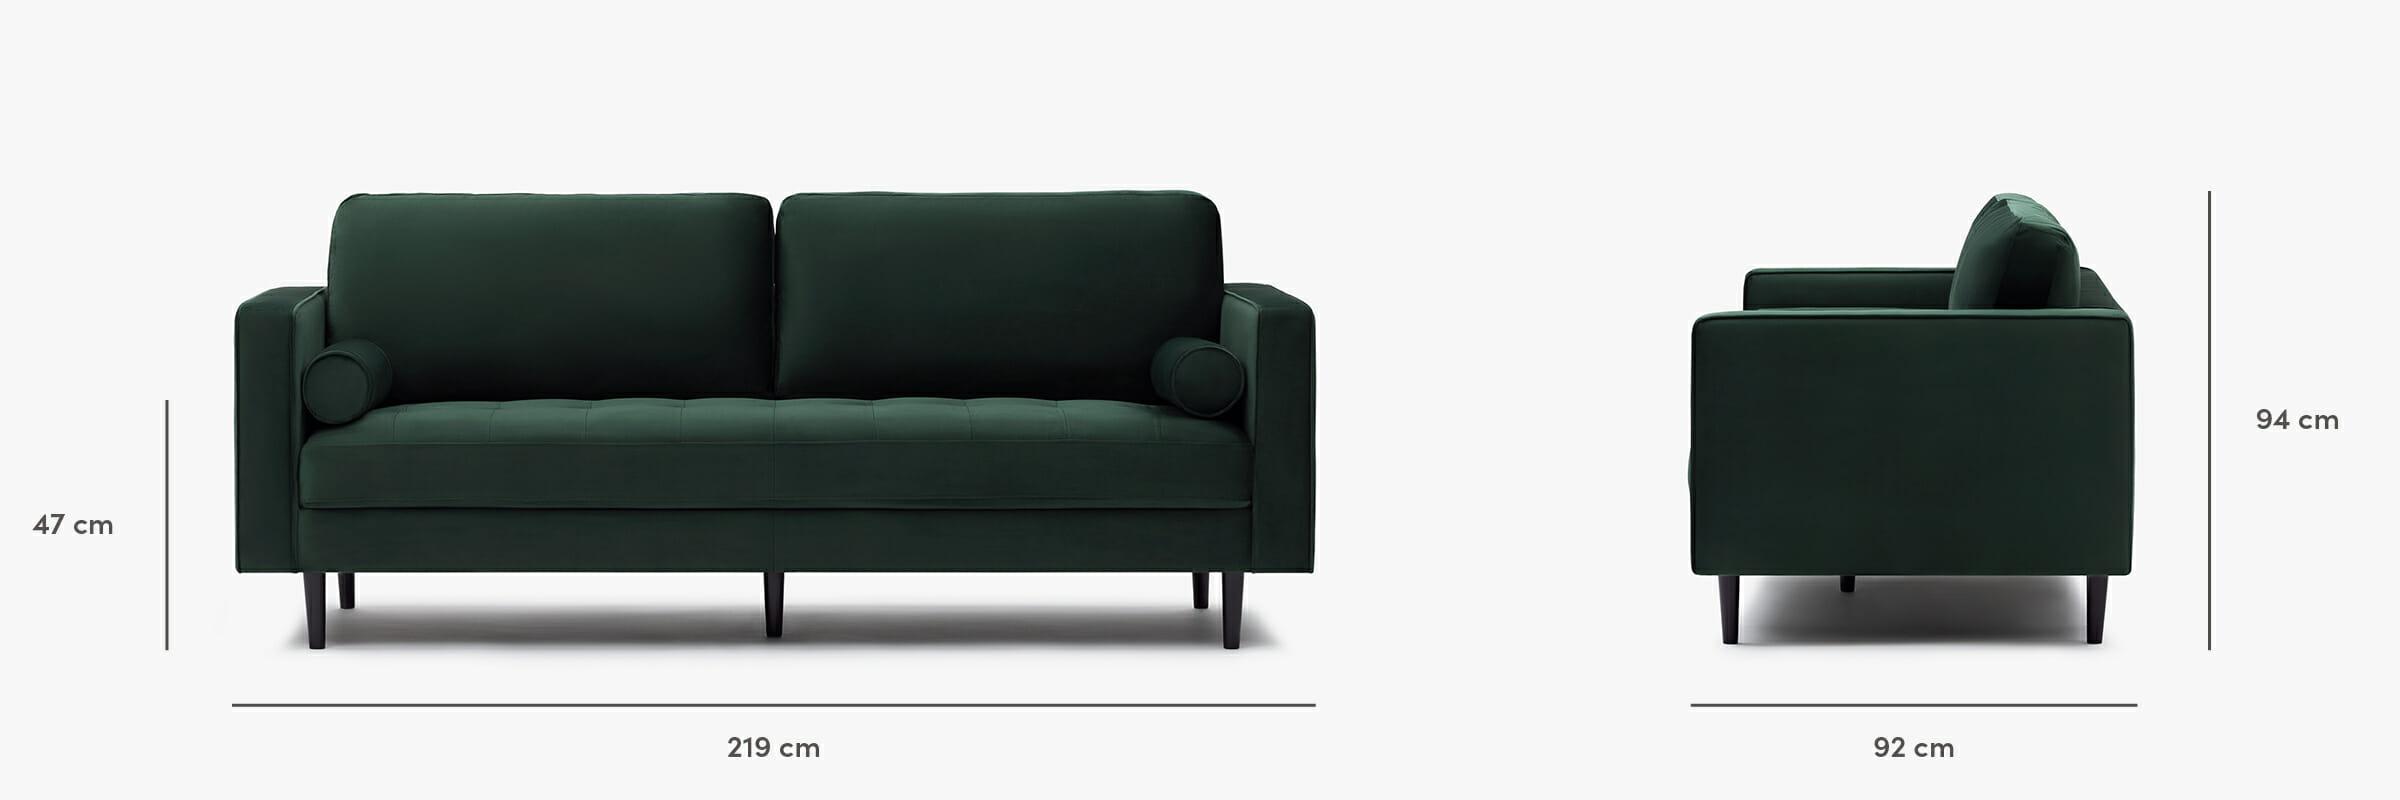 Soho sofa velvet dimensions